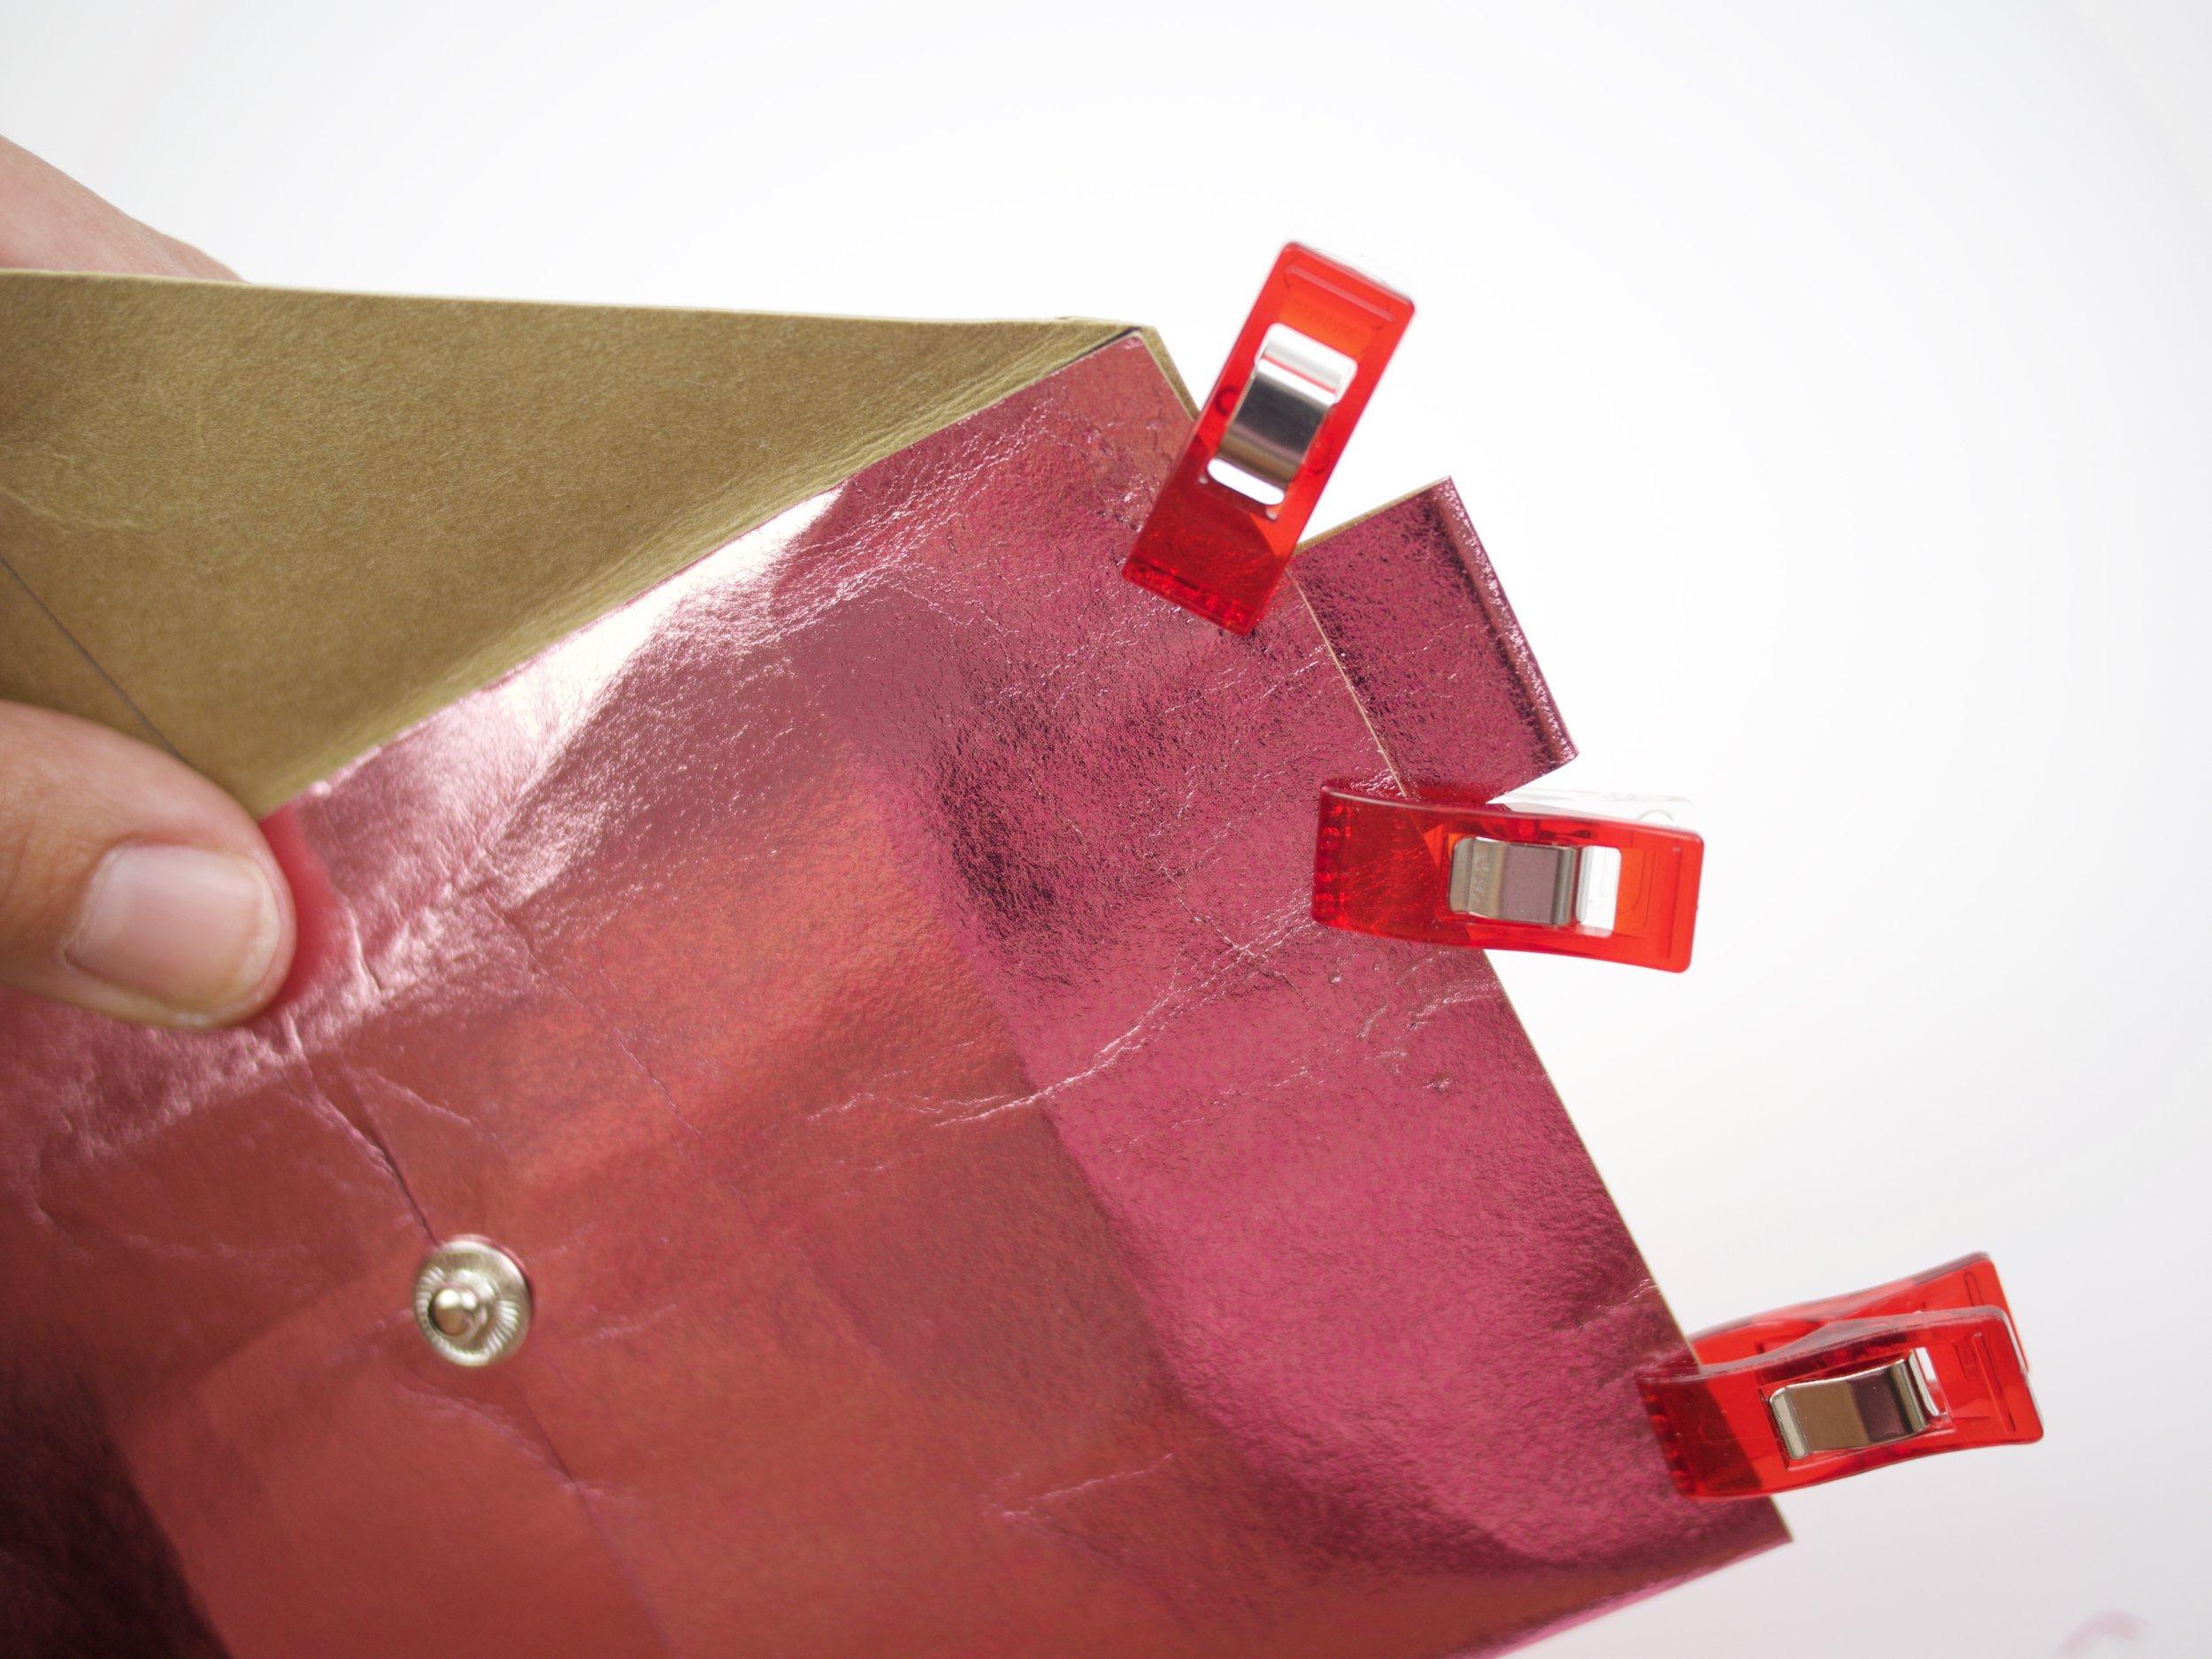 - Faltet nun wieder die Tasche an den Markierungen.Jetzt näht 0,5 cm vom Rand die Tasche zusammen. Gut Anfang und Ende der Naht verriegeln, sowie an der Schlaufe nochmal vor und zurückknähen. Dann reißt auch nichts aus.